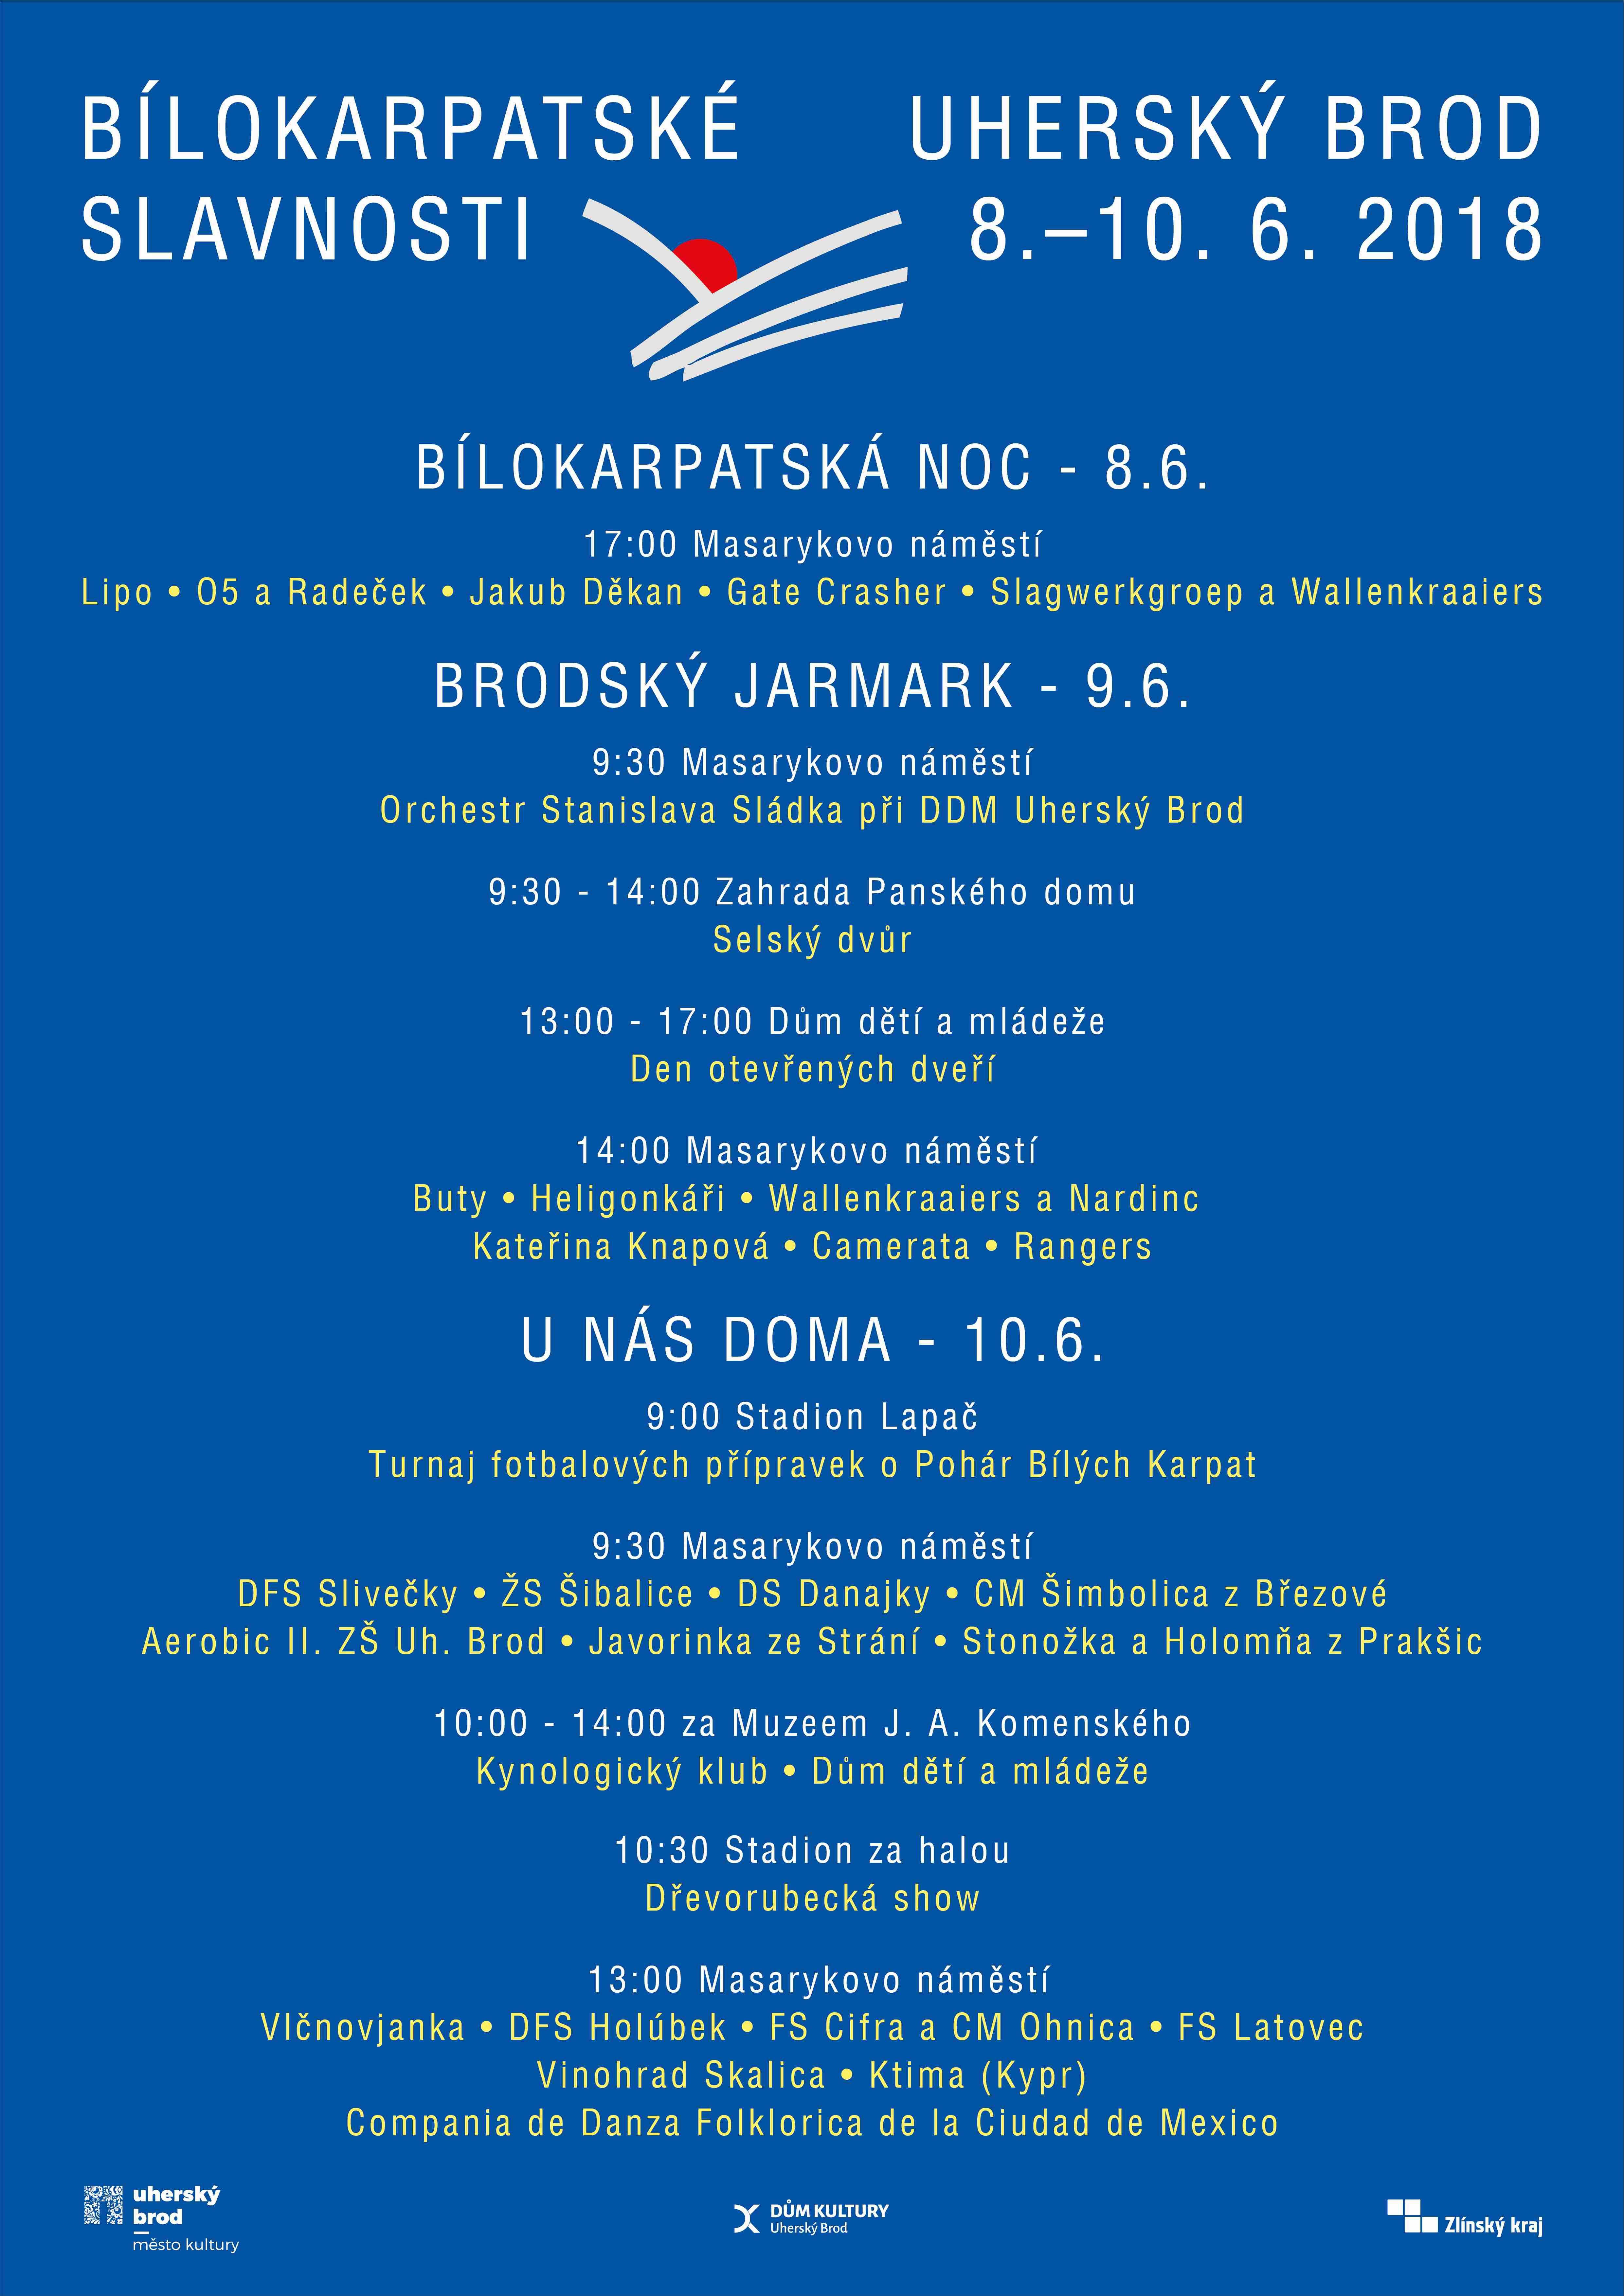 Bílokarpatské slavnosti Uherský Brod 2018